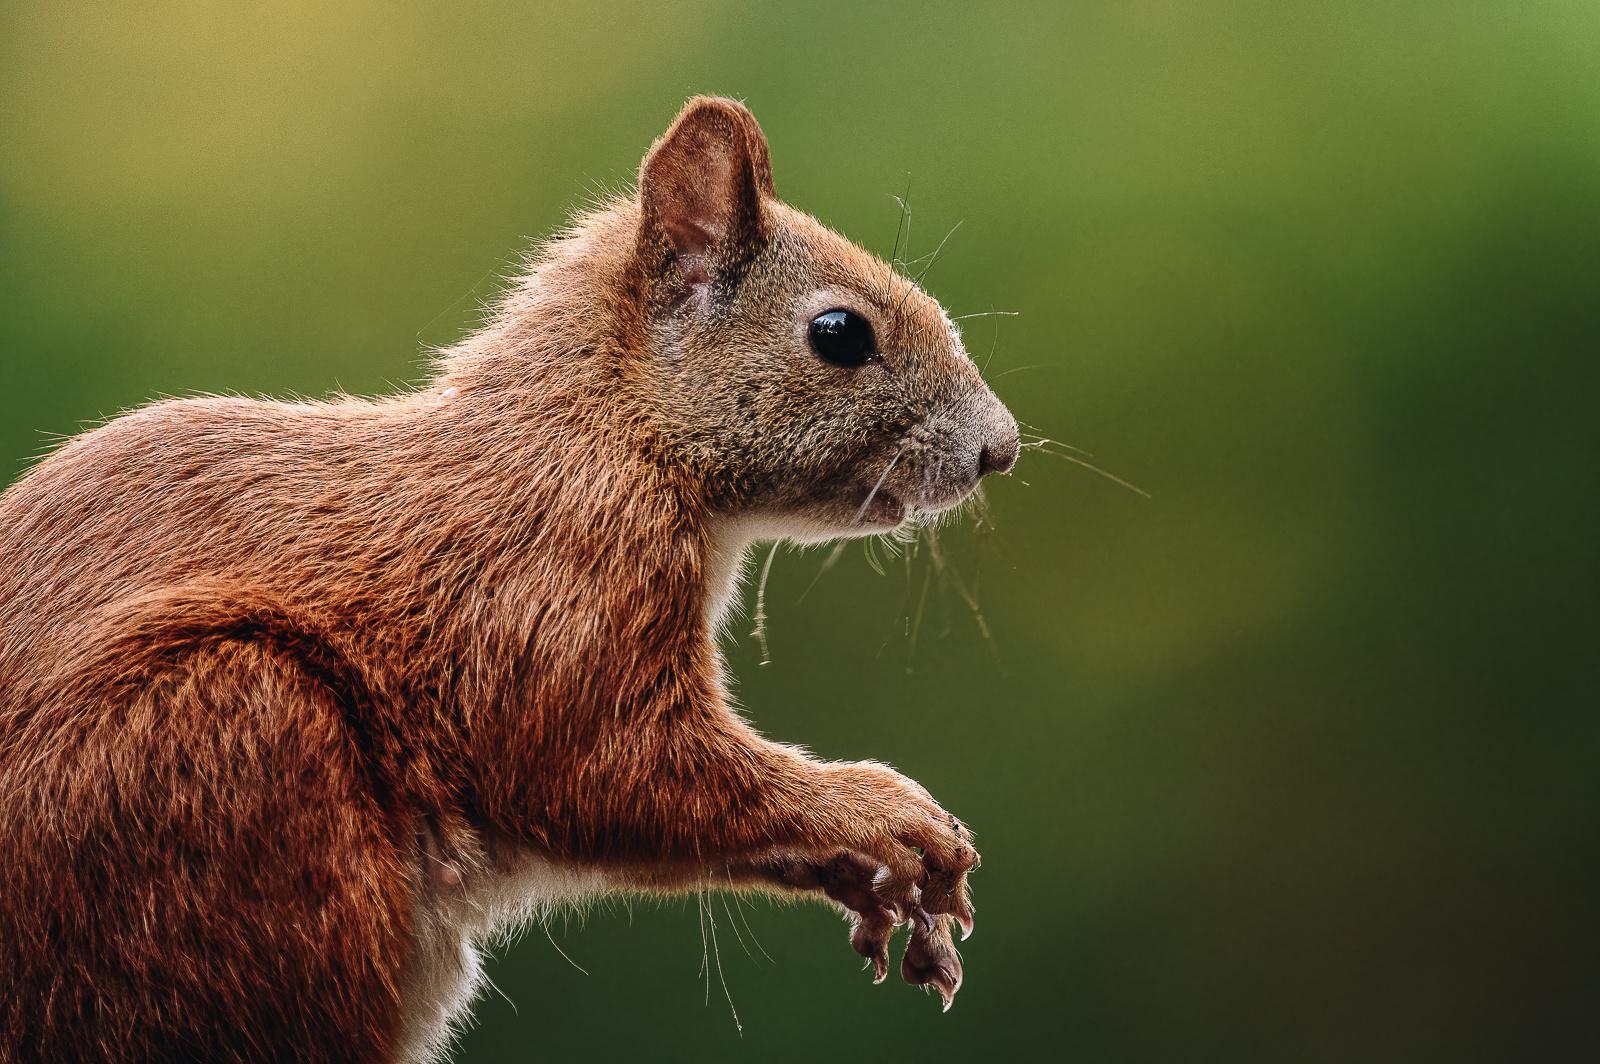 Eichhörnchen im Profil